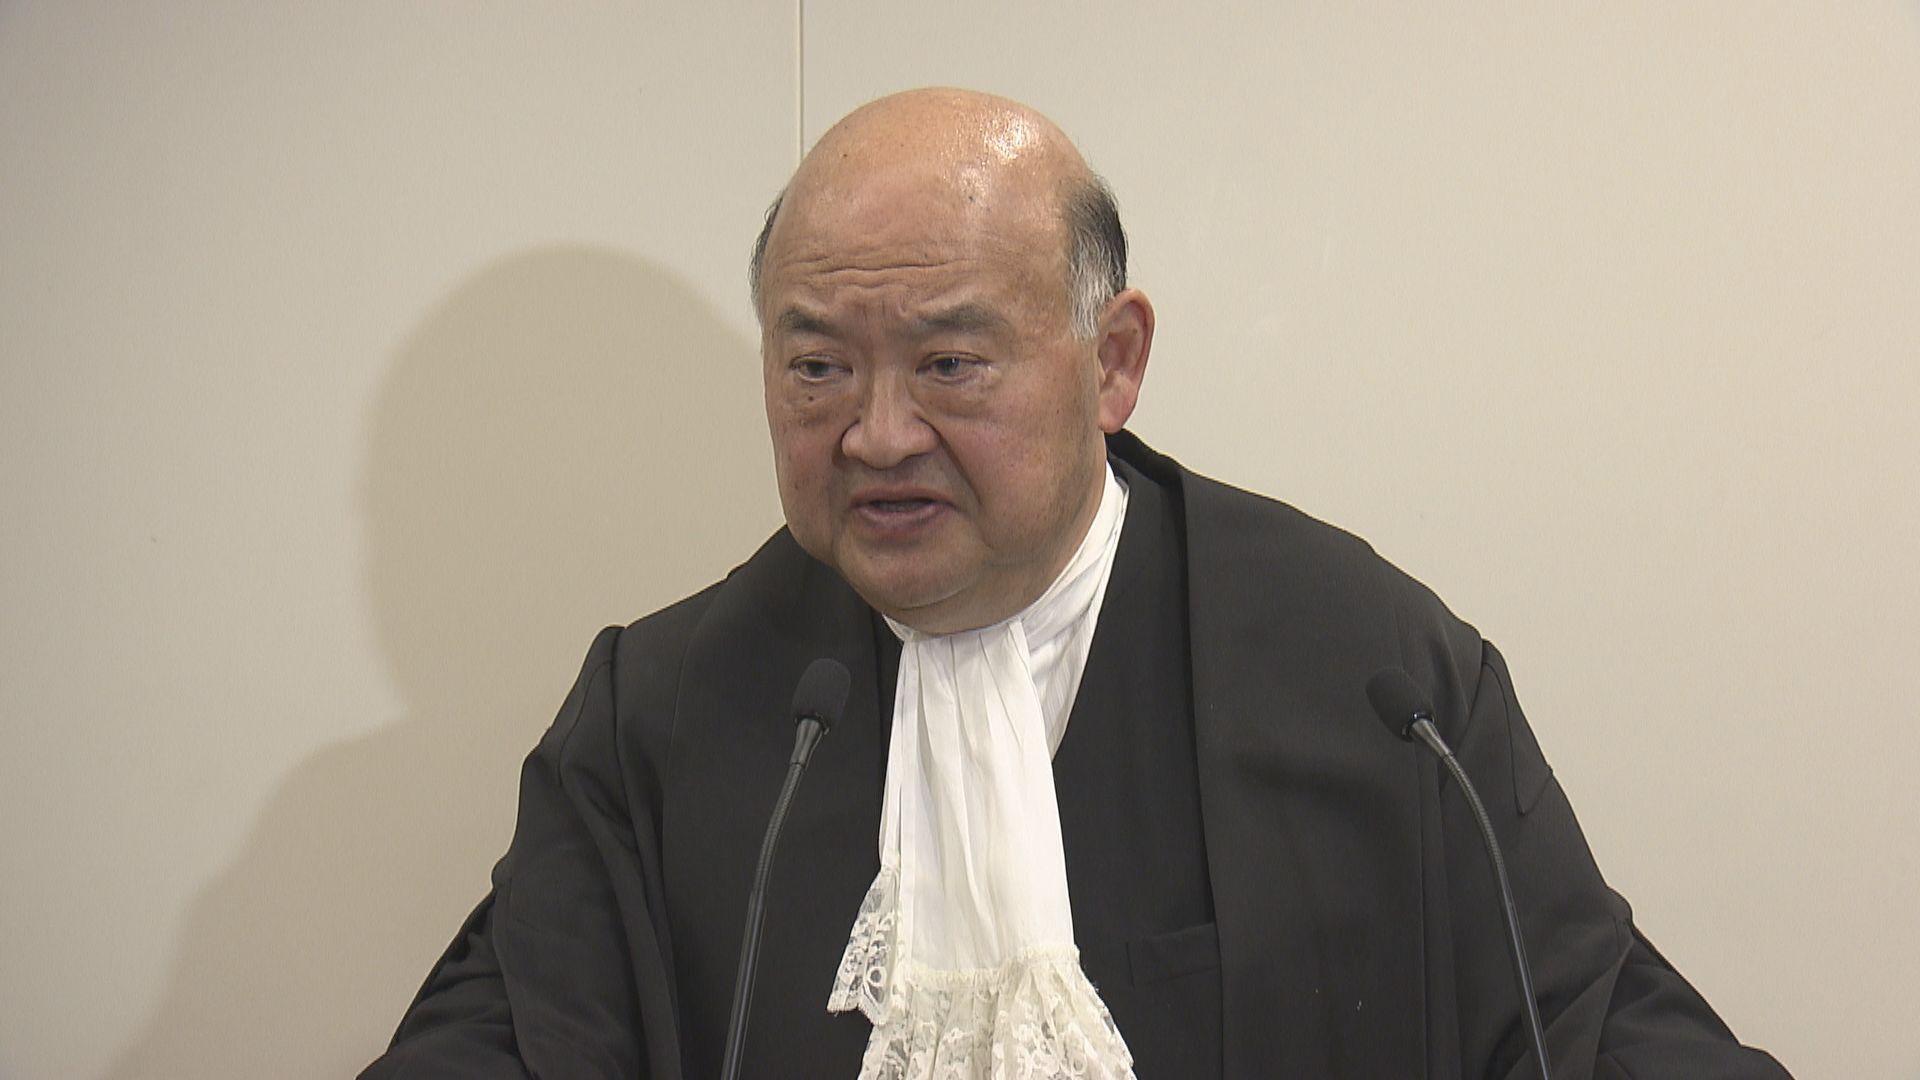 馬道立:法官不應在判辭發表無必要的政見